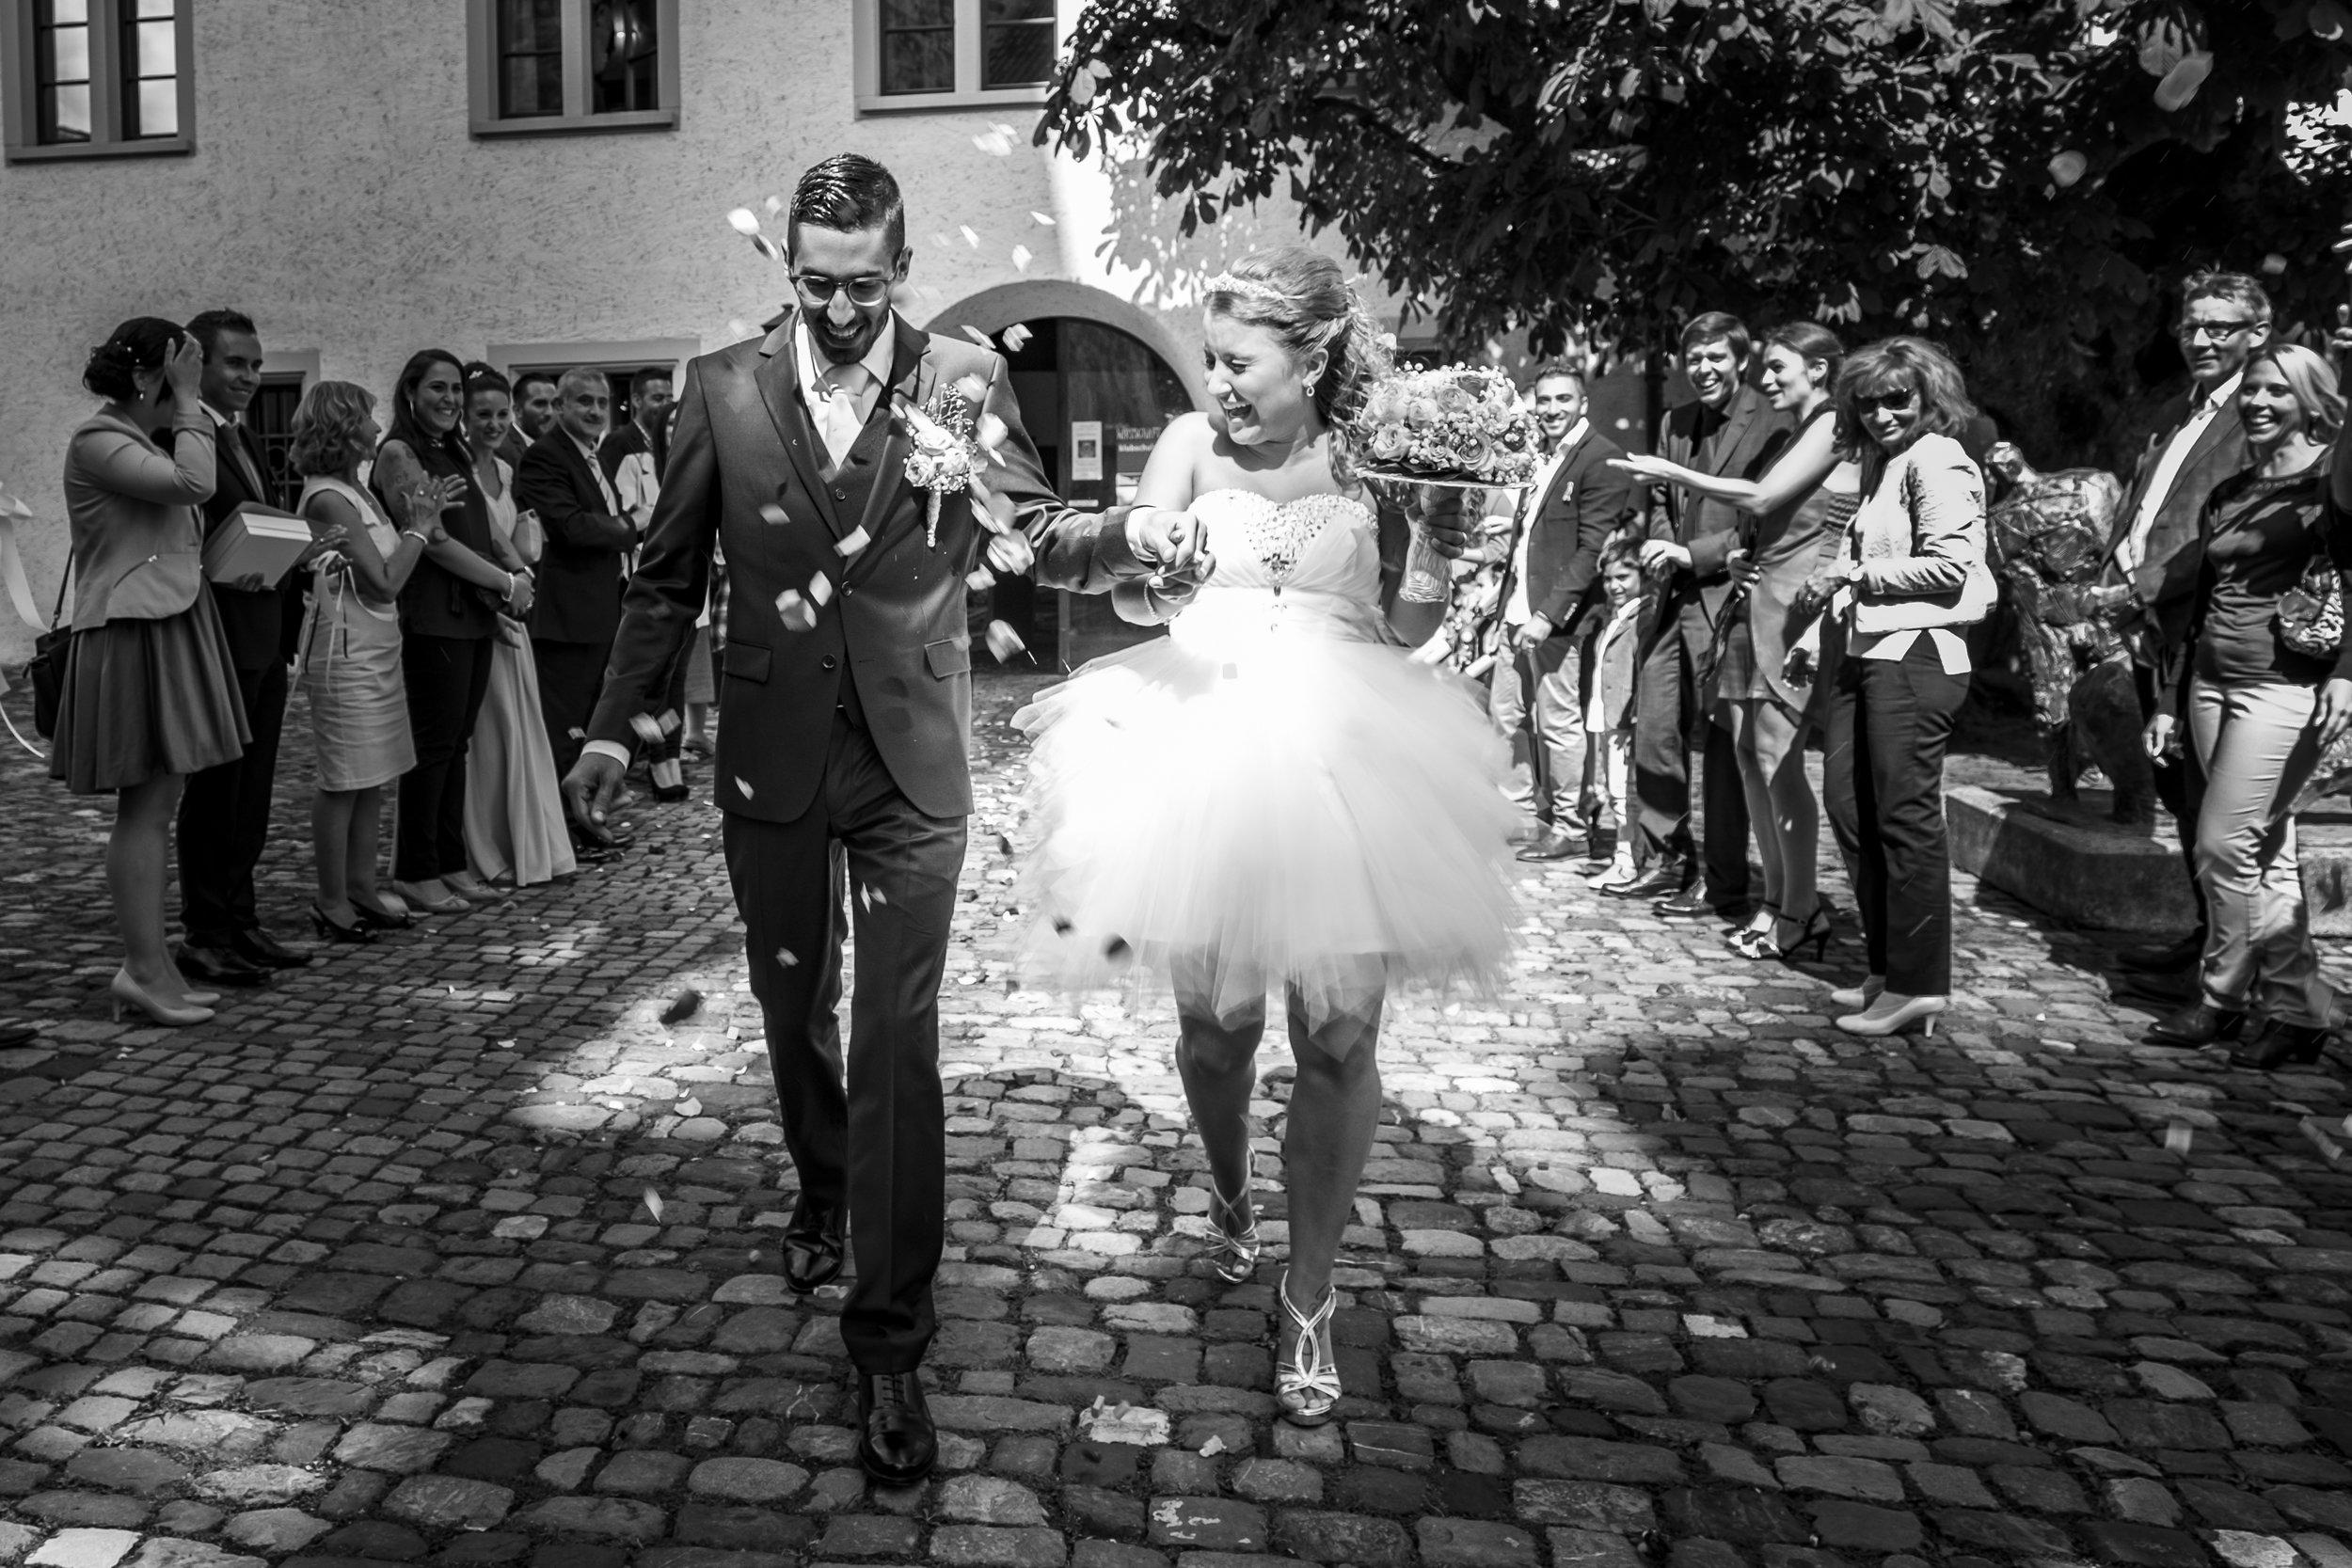 Hochzeit_Länzlinger_Arbon04092015-237-2.jpg